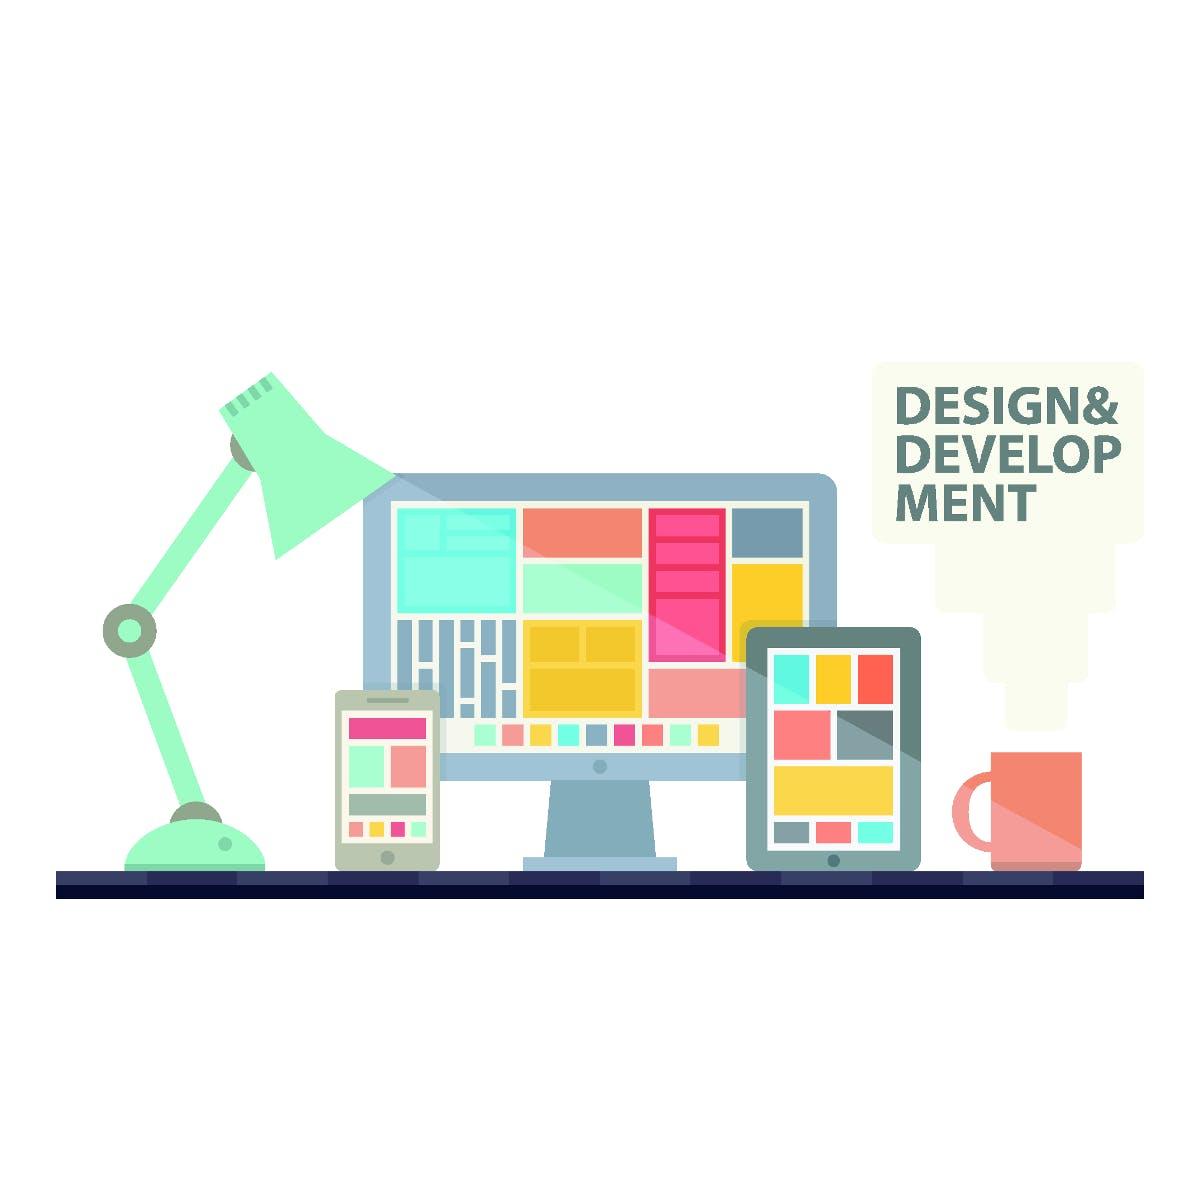 响应式网站开发与设计毕业项目